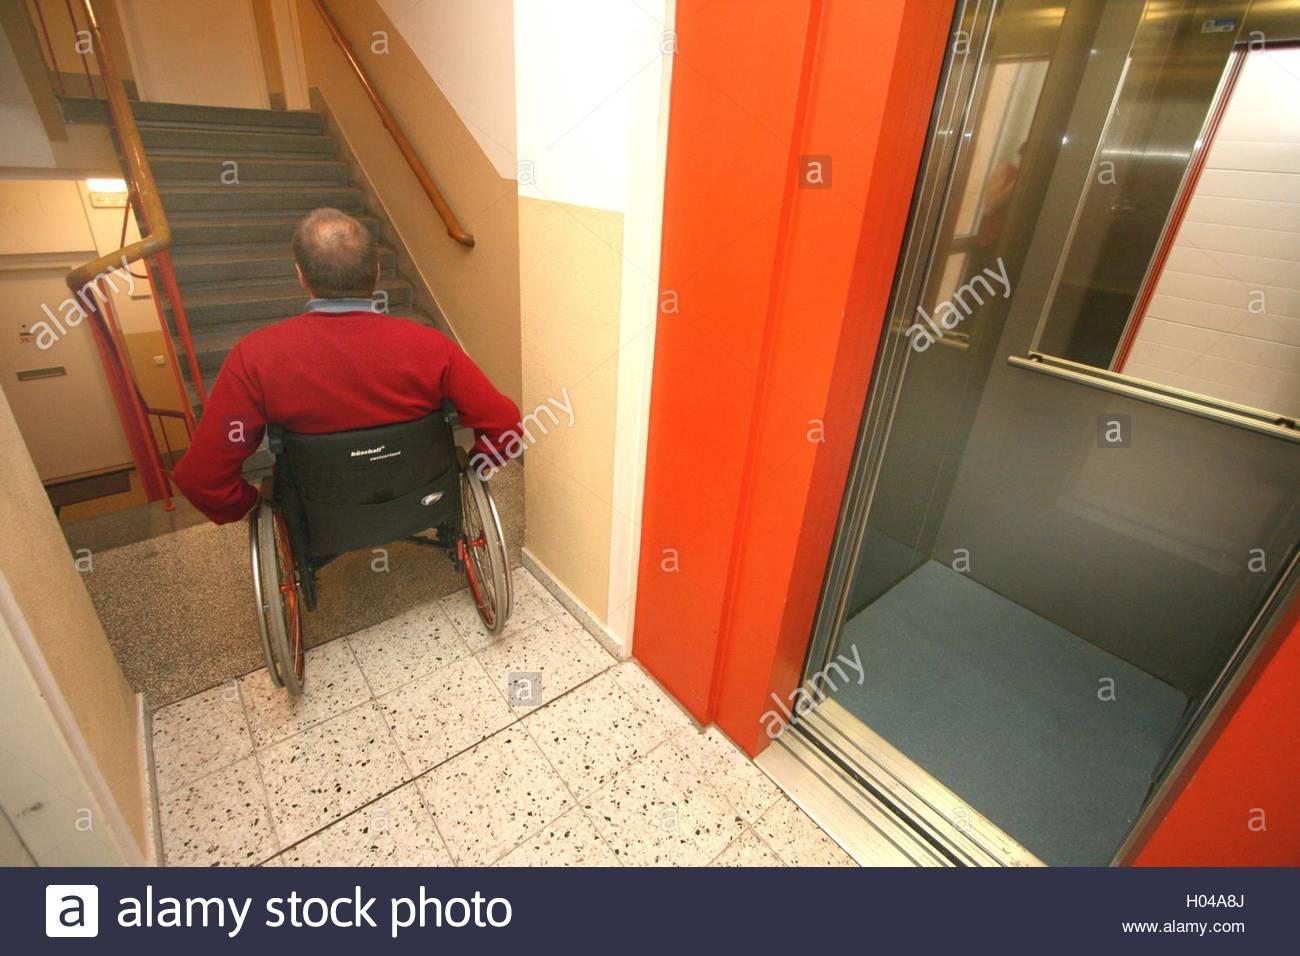 Трахнули зрелую в лифте, Трахнул зрелую в лифте Поебушки. Ком 15 фотография